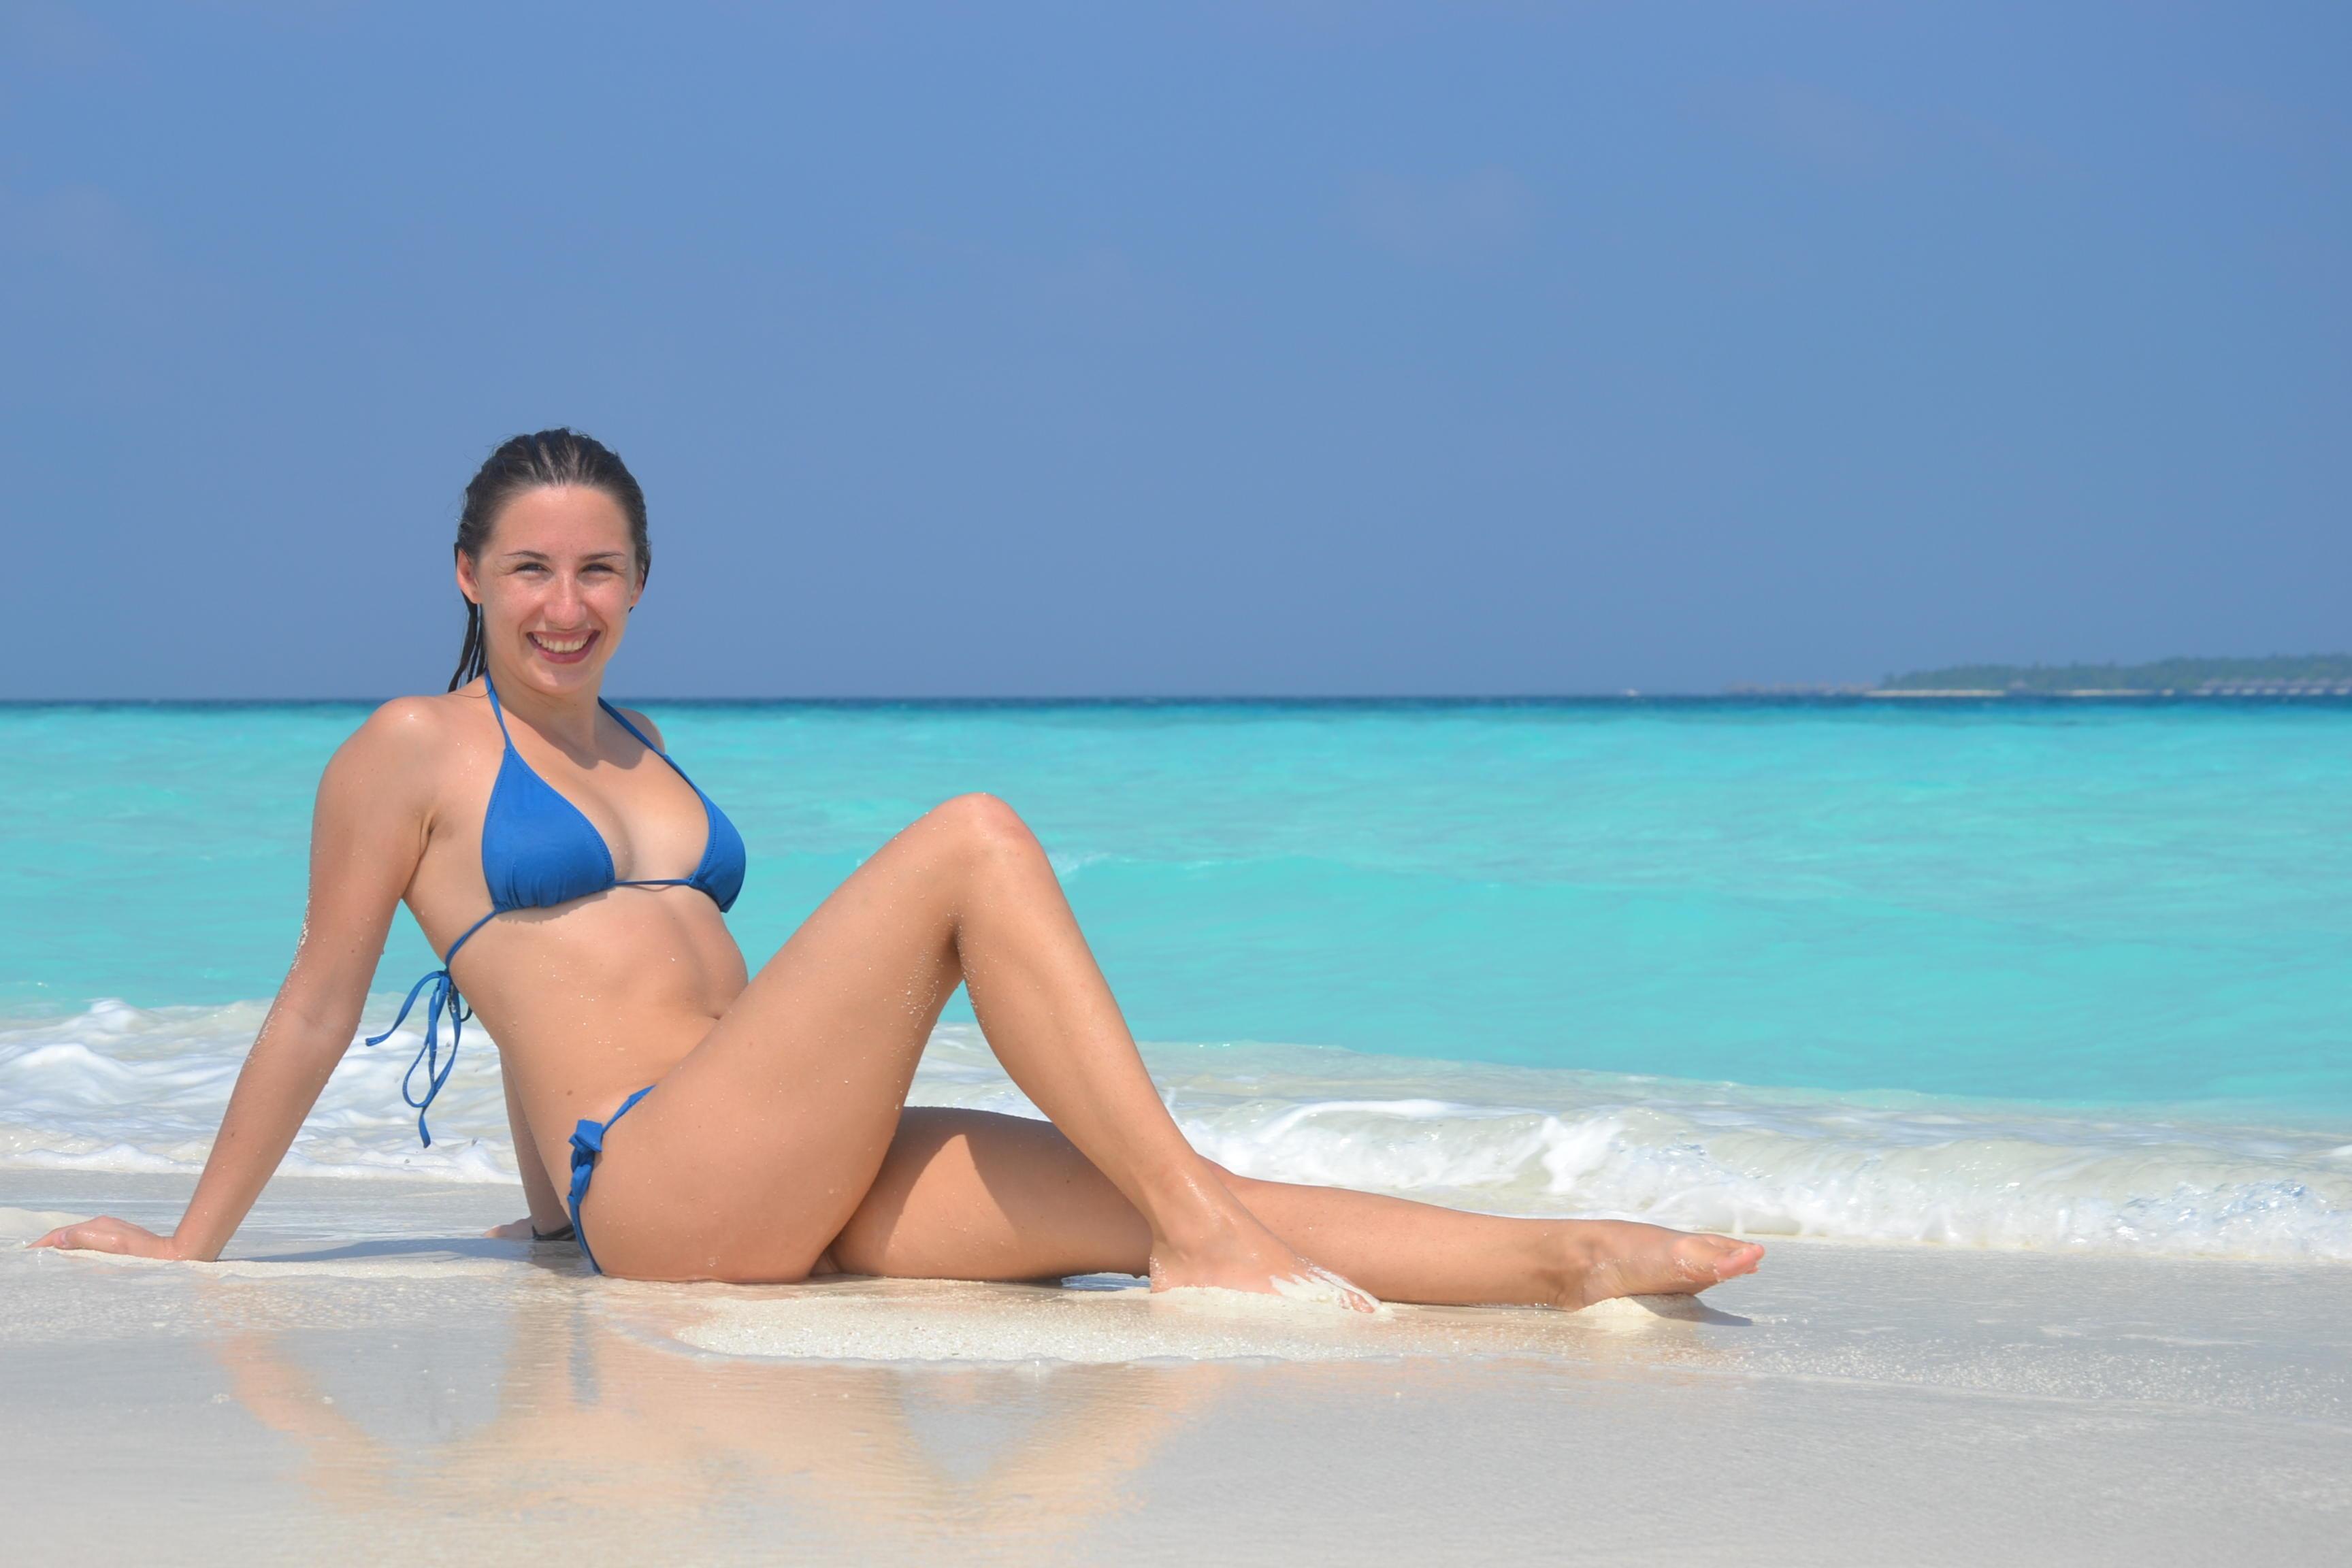 Janka na Maldivách. Dva týždne dovolenky vrátane víkendu v Mníchove ju vyšli na 910€. Tipy ako cestovať šikovne a lacno zdieľa cez svoj web www.travelhack.me a cez svoju knihu.